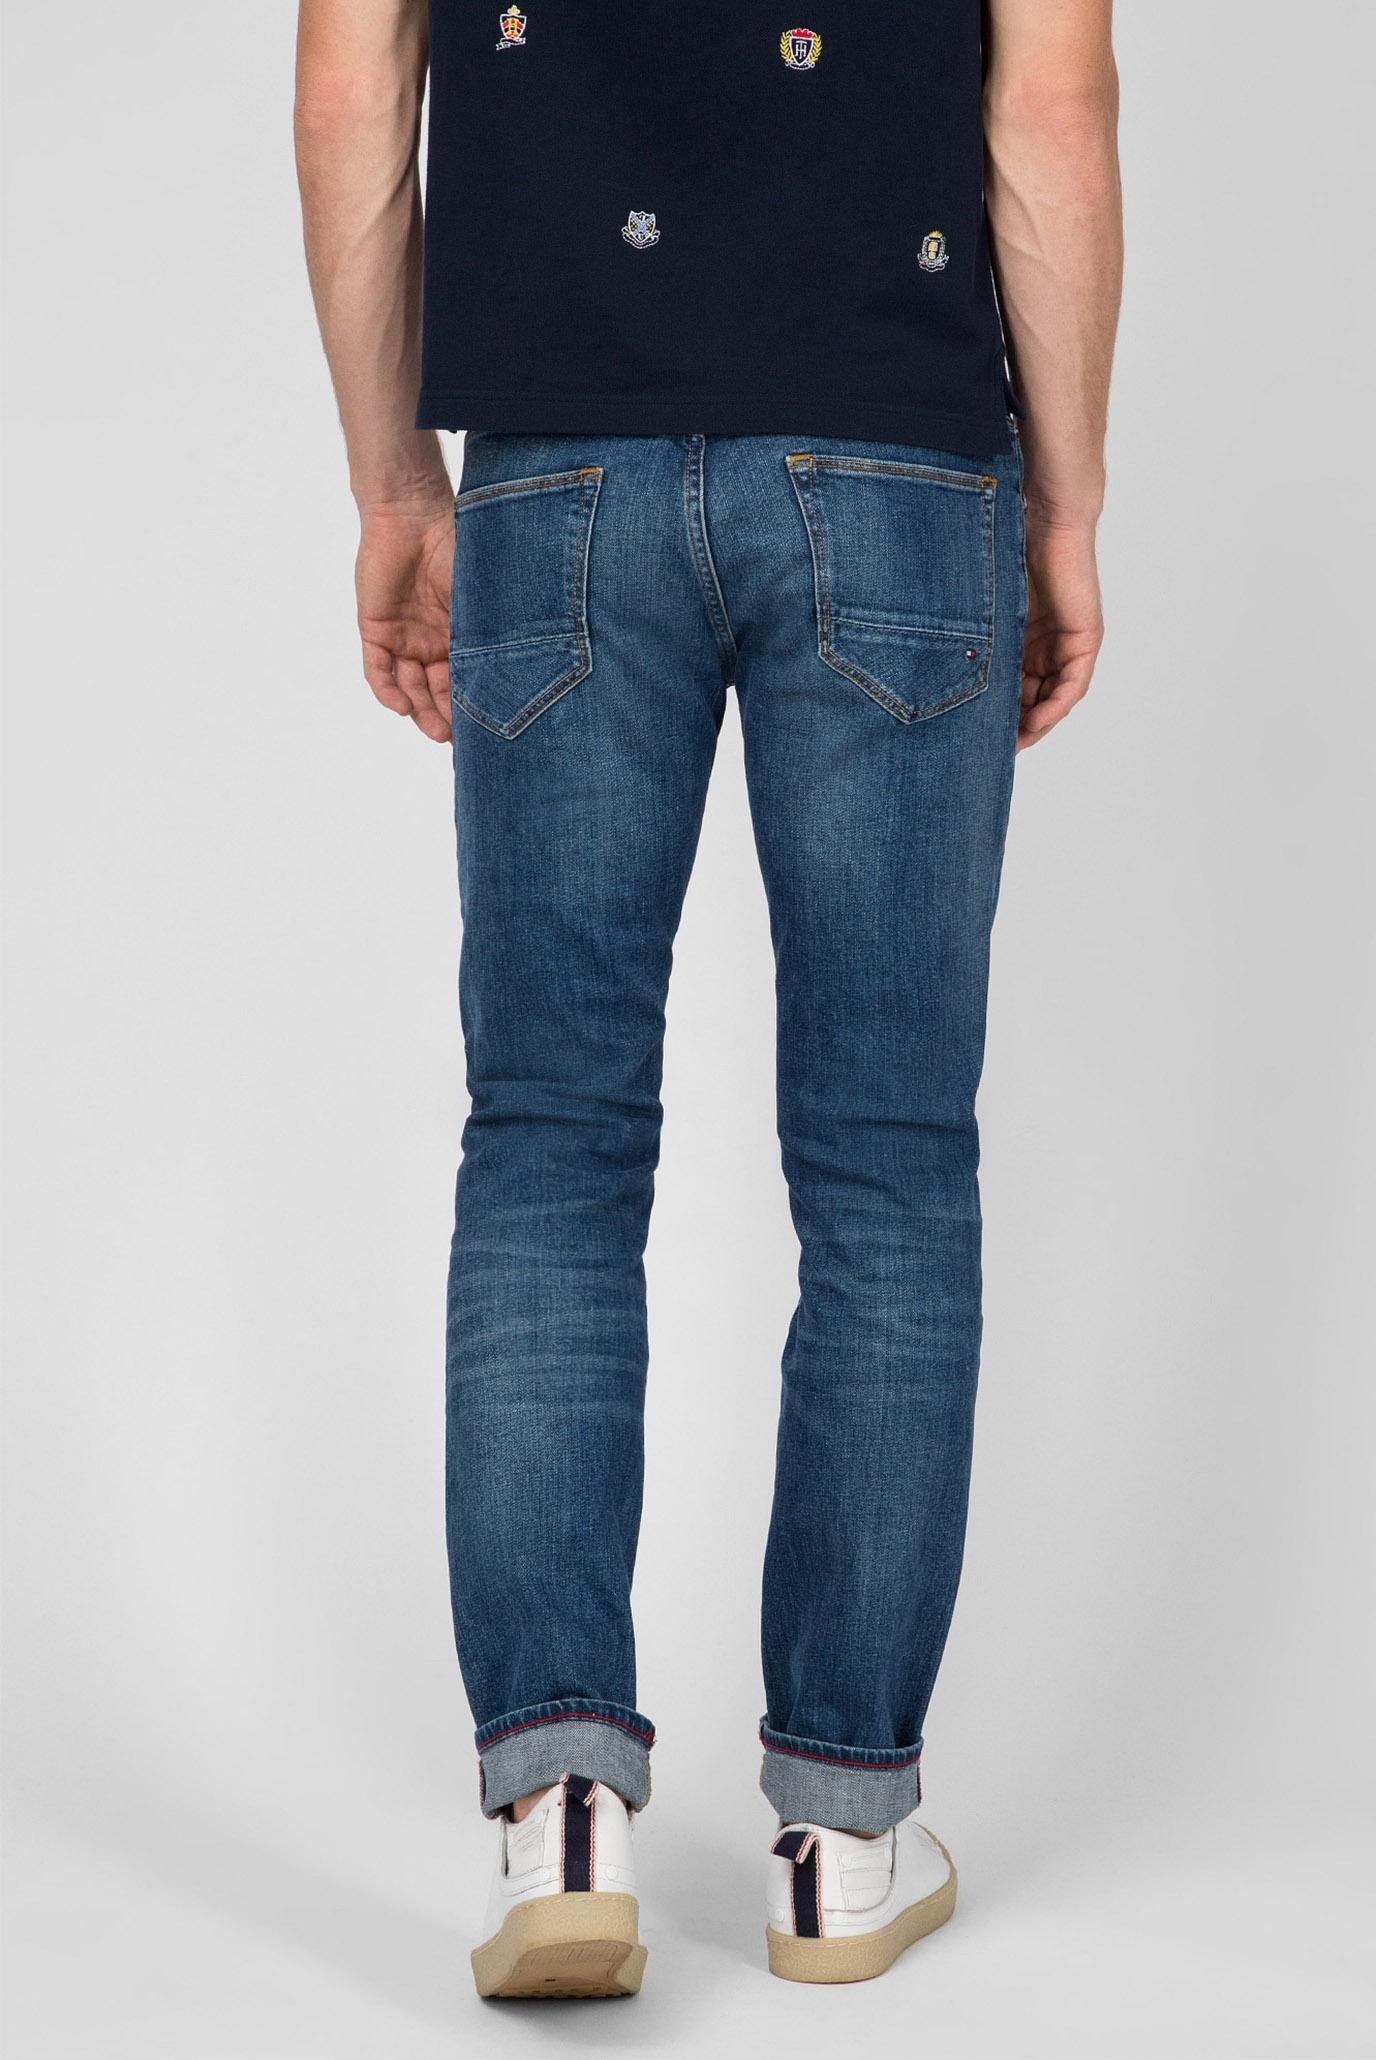 Купить Мужские синие джинсы Tommy Hilfiger Tommy Hilfiger MW0MW08096 – Киев, Украина. Цены в интернет магазине MD Fashion